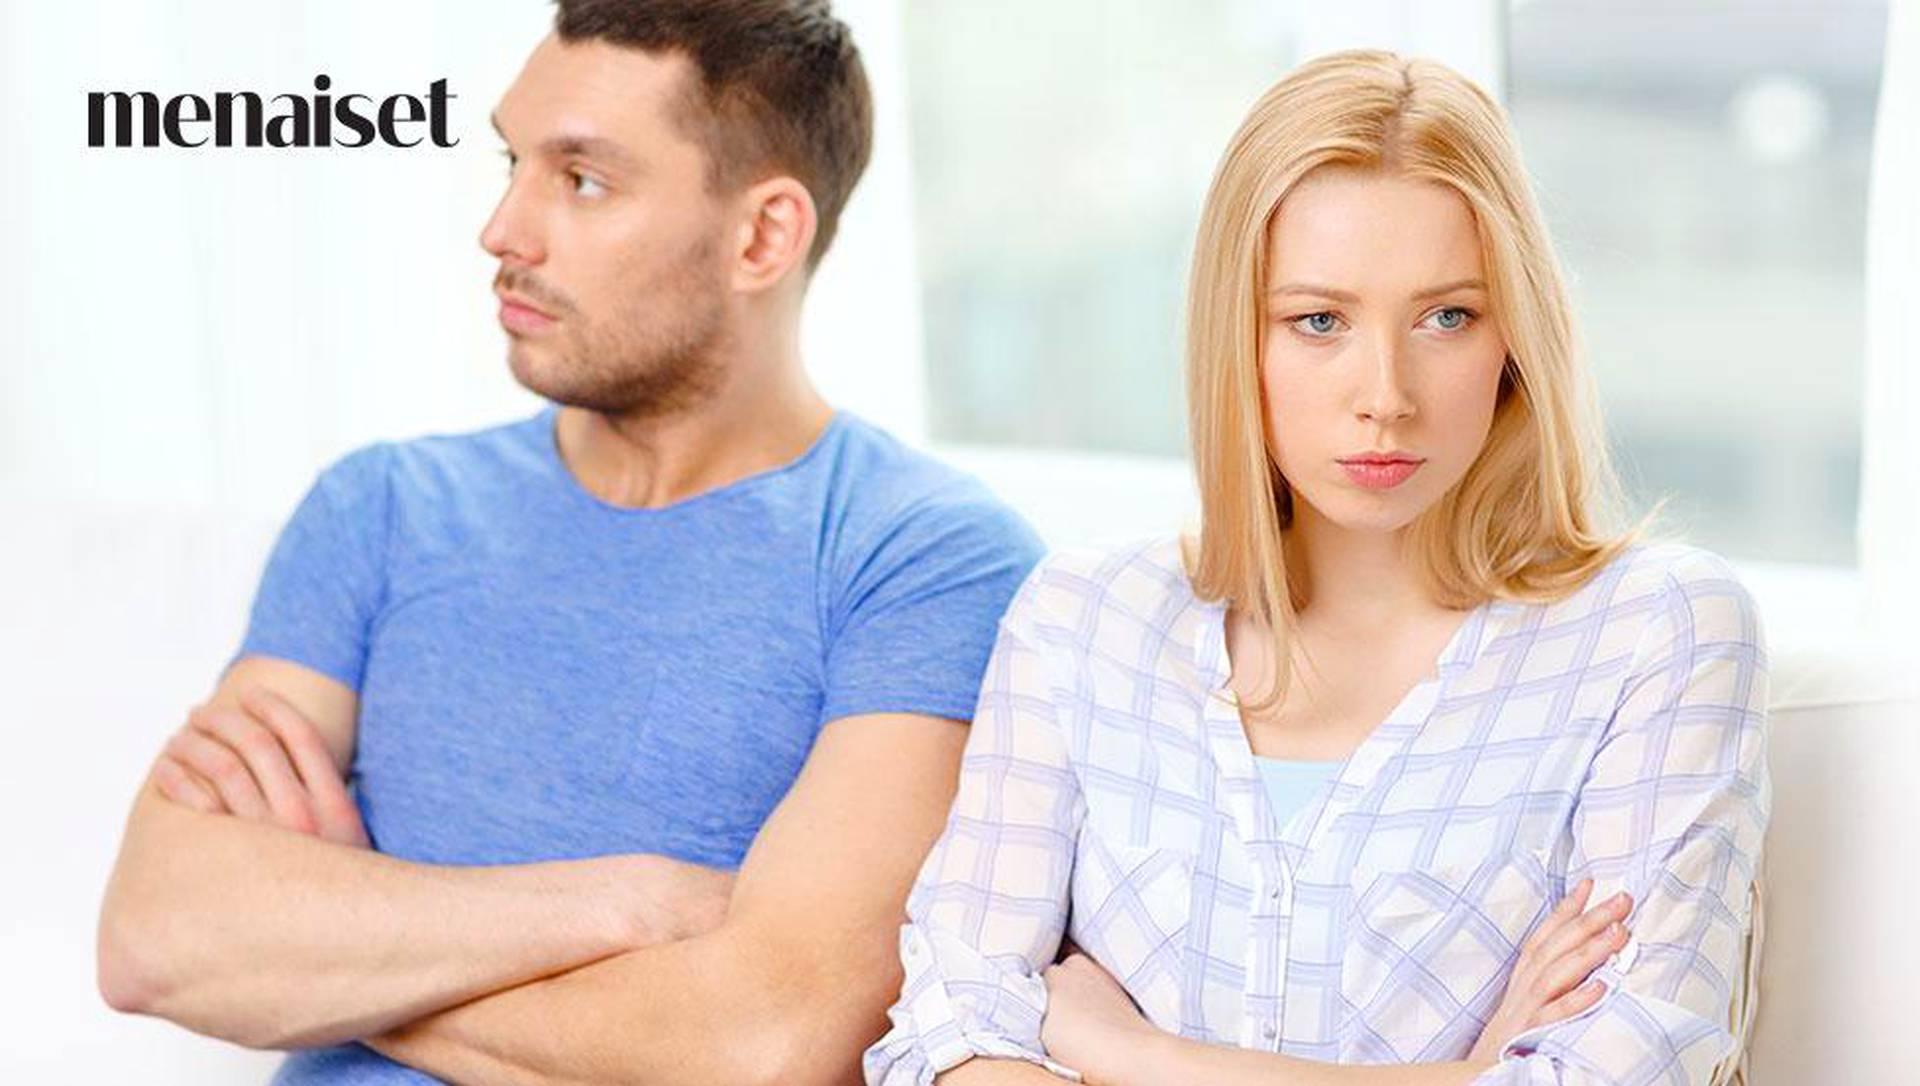 Venäjän dating sivusto buzzfeed